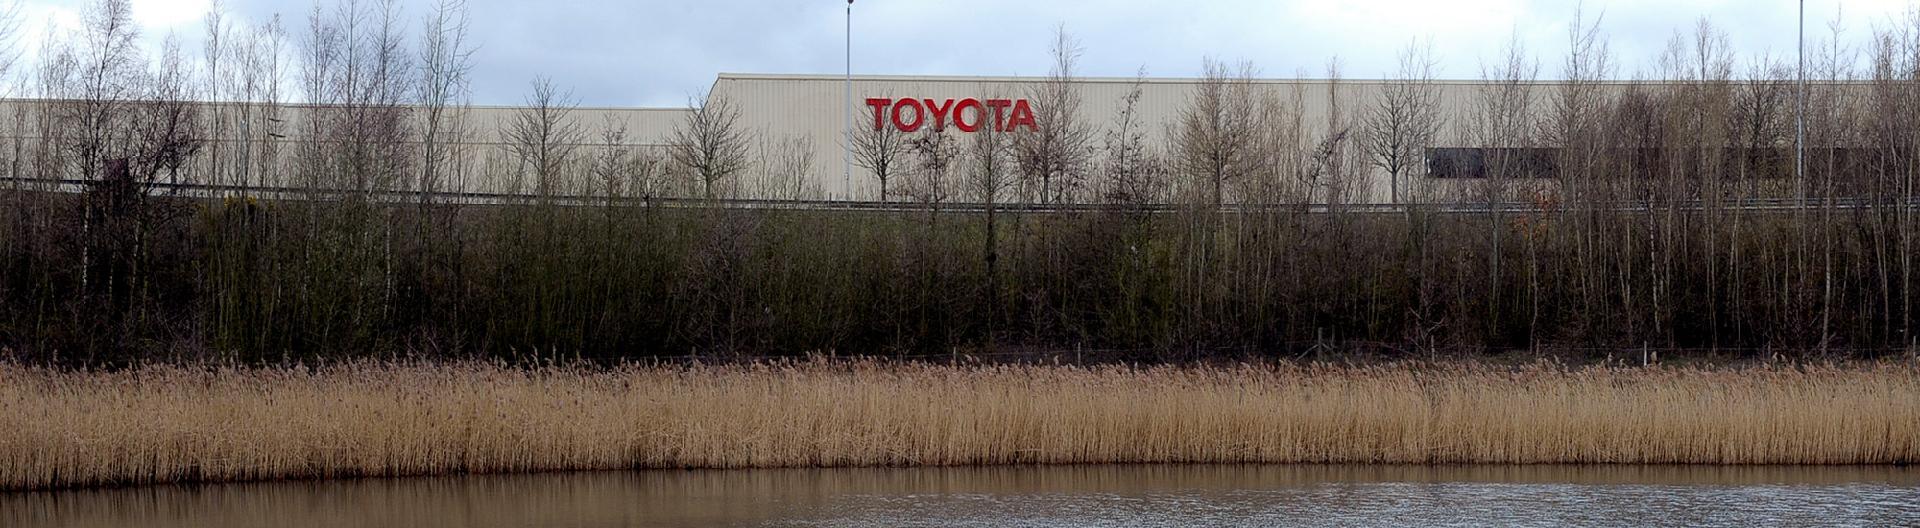 toyota-balancing-lakes.jpg